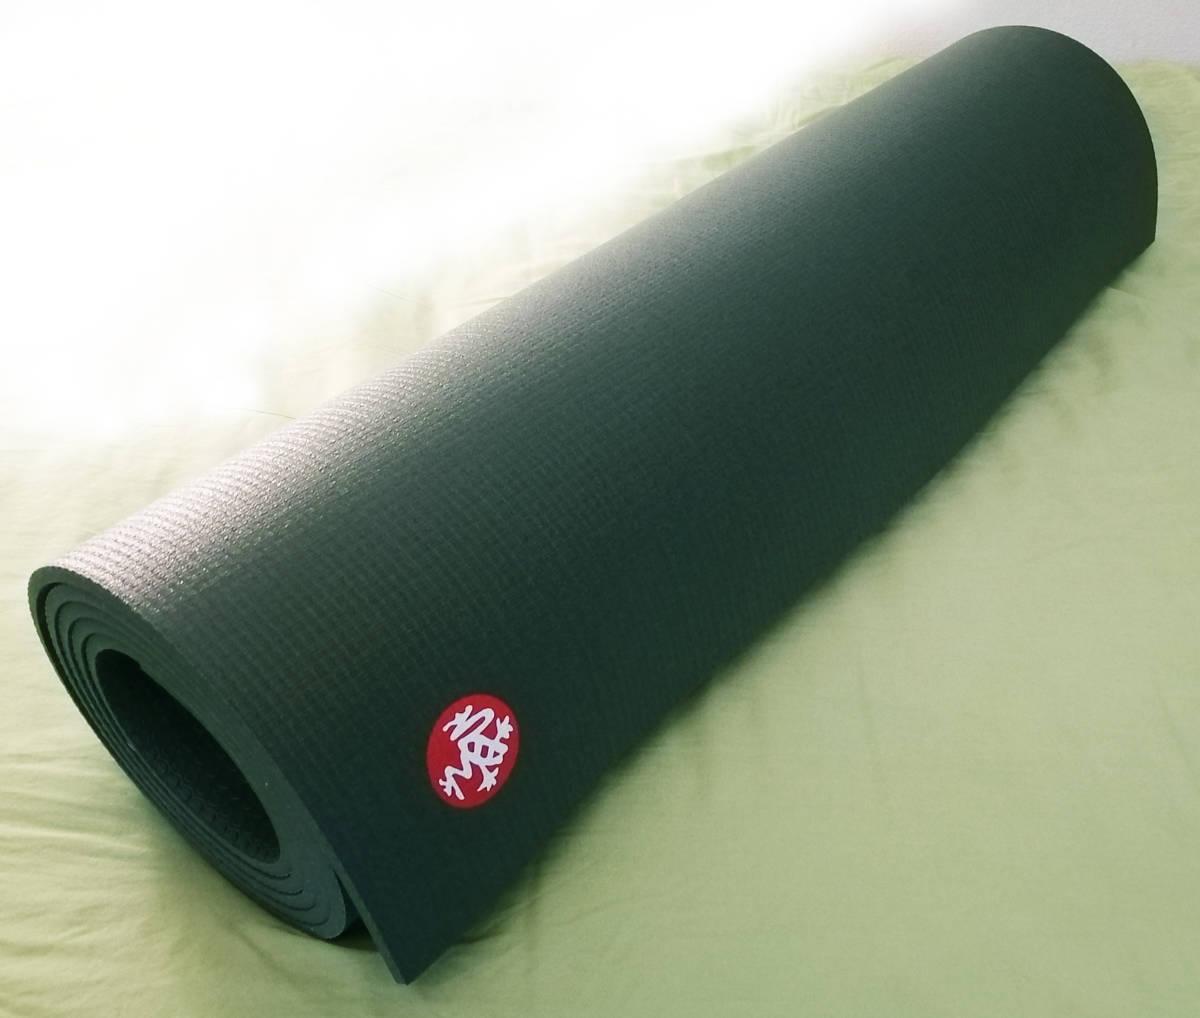 ヨガマット マンドゥカ Manduka 6mm プロスタンダード BM71 Pro Standard ブラックセージ Black Sage■除菌クリーニング済■長180×幅66cm